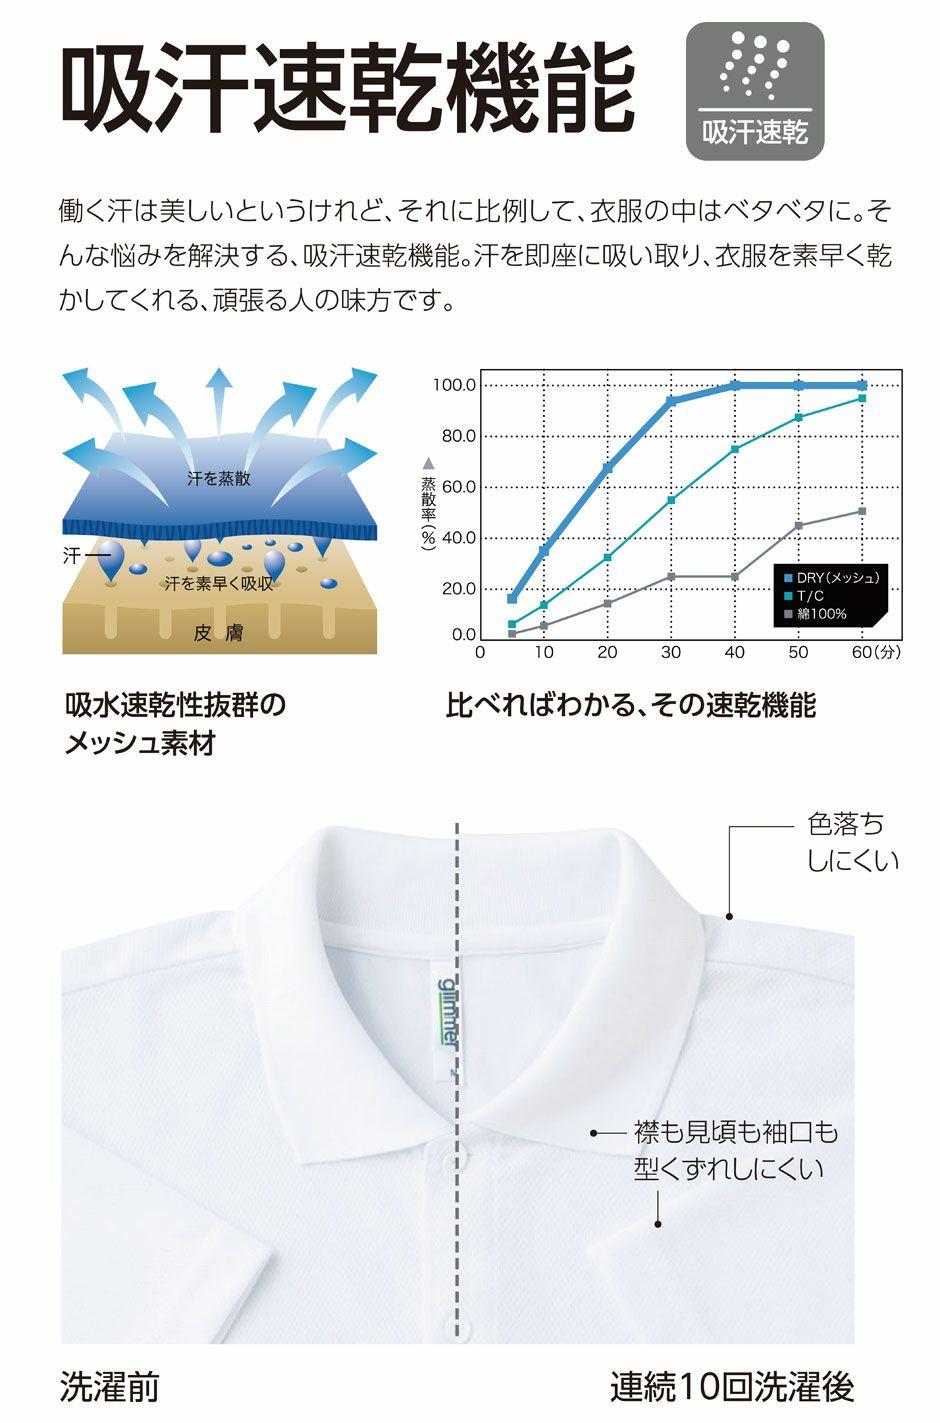 ポロシャツ機能説明画像